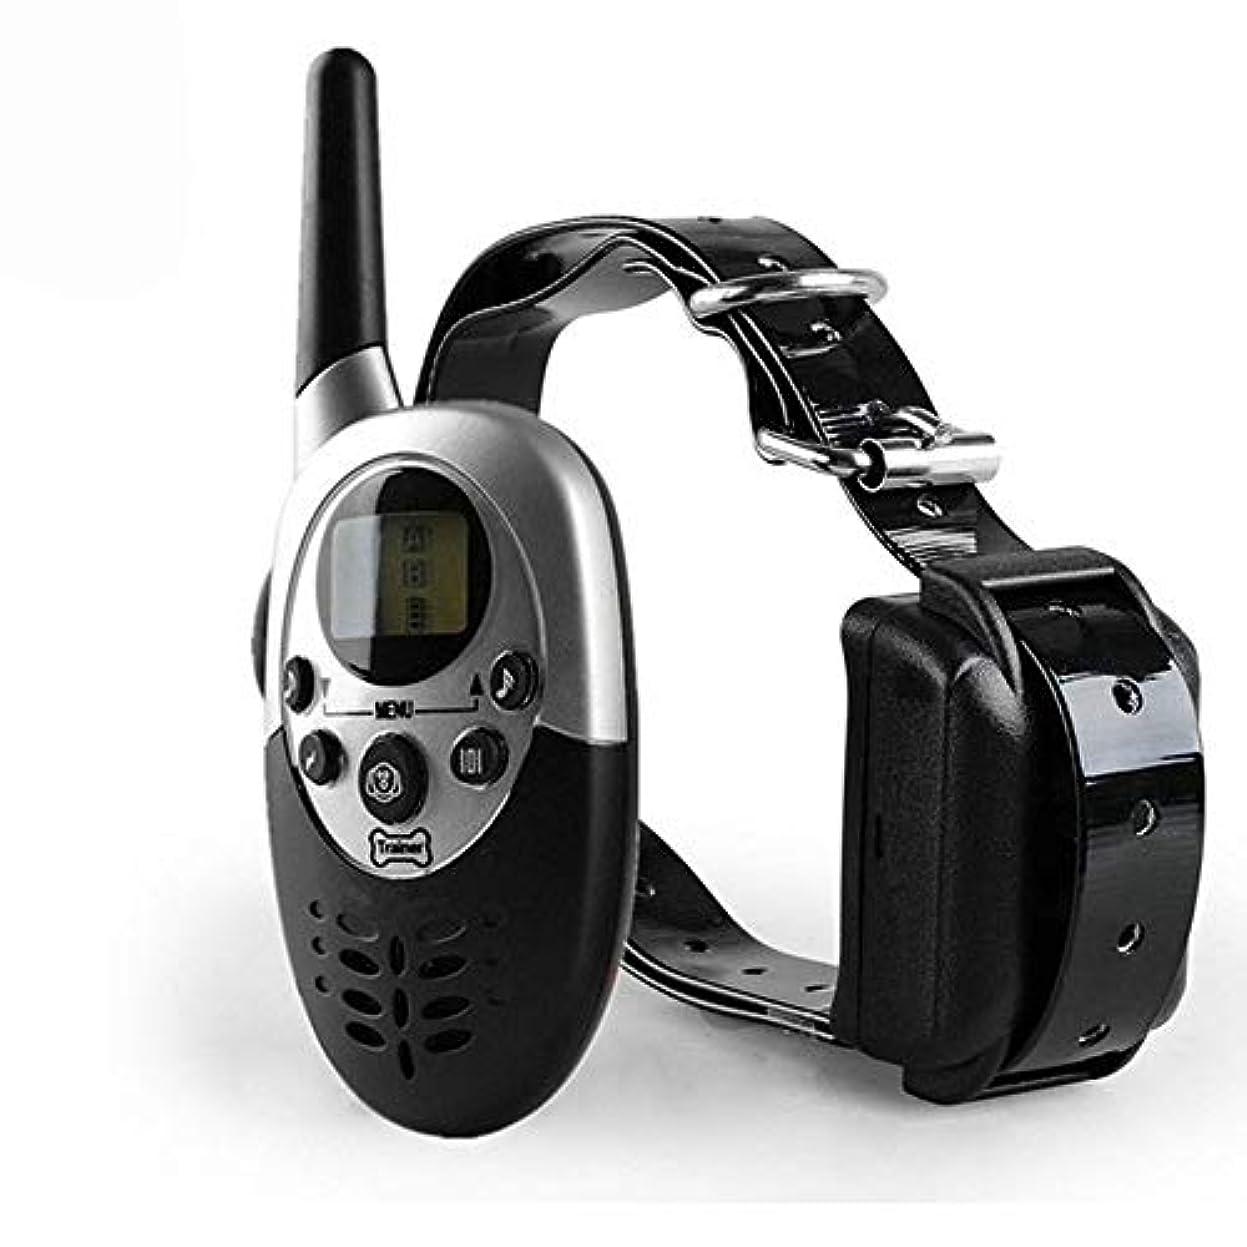 価値のない縁盗難Jiabei ペットは防水リモートコントロール犬のデバイス振動樹皮の首輪犬の充電千メートル用品 (色 : As-picture)